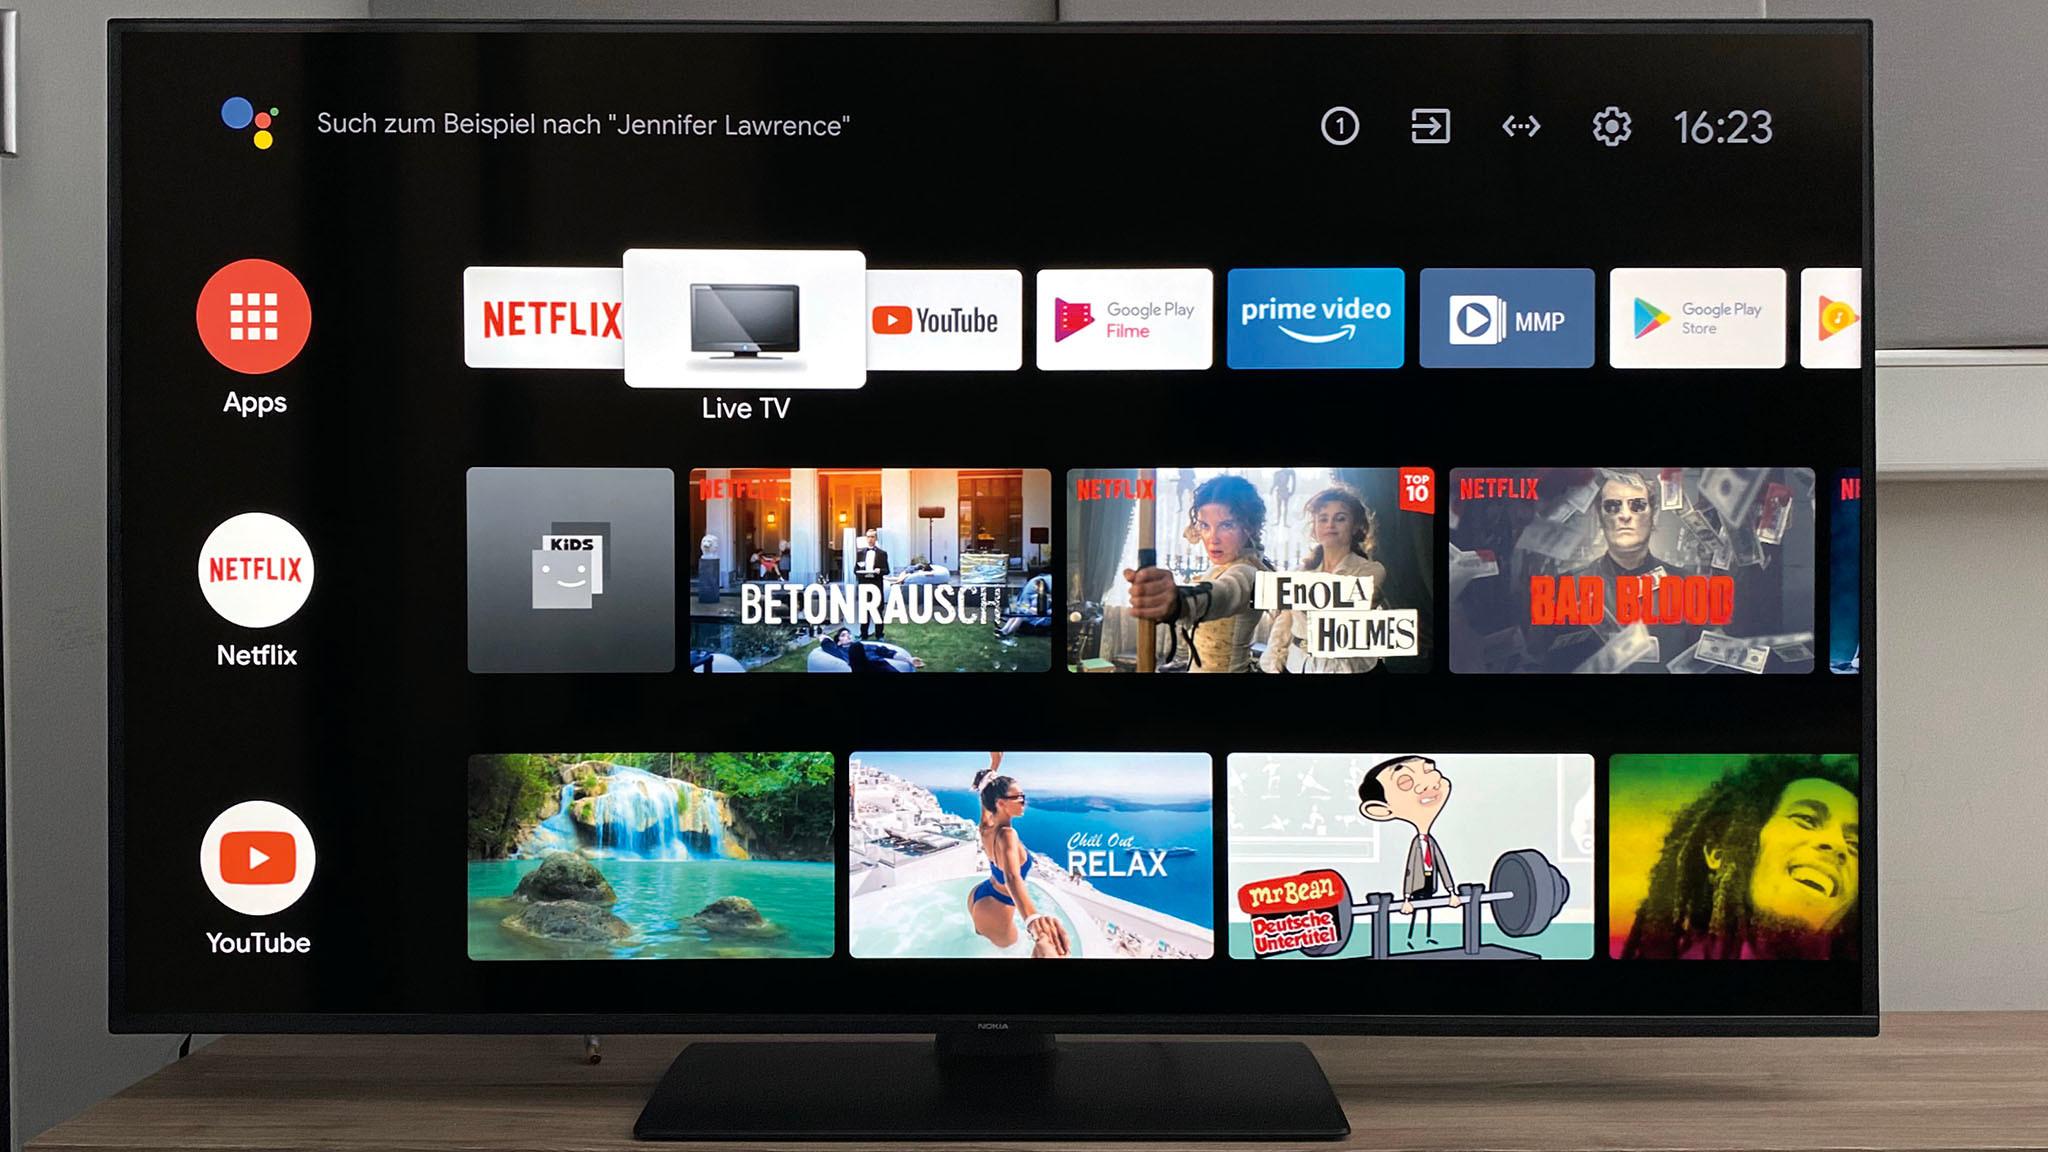 Nokia Smart TV 5500A im Test: Das Android TV Betriebssystem in der aktuellen Version 9 beschert ihm eine gute App-Auswahl.©COMPUTER BILD